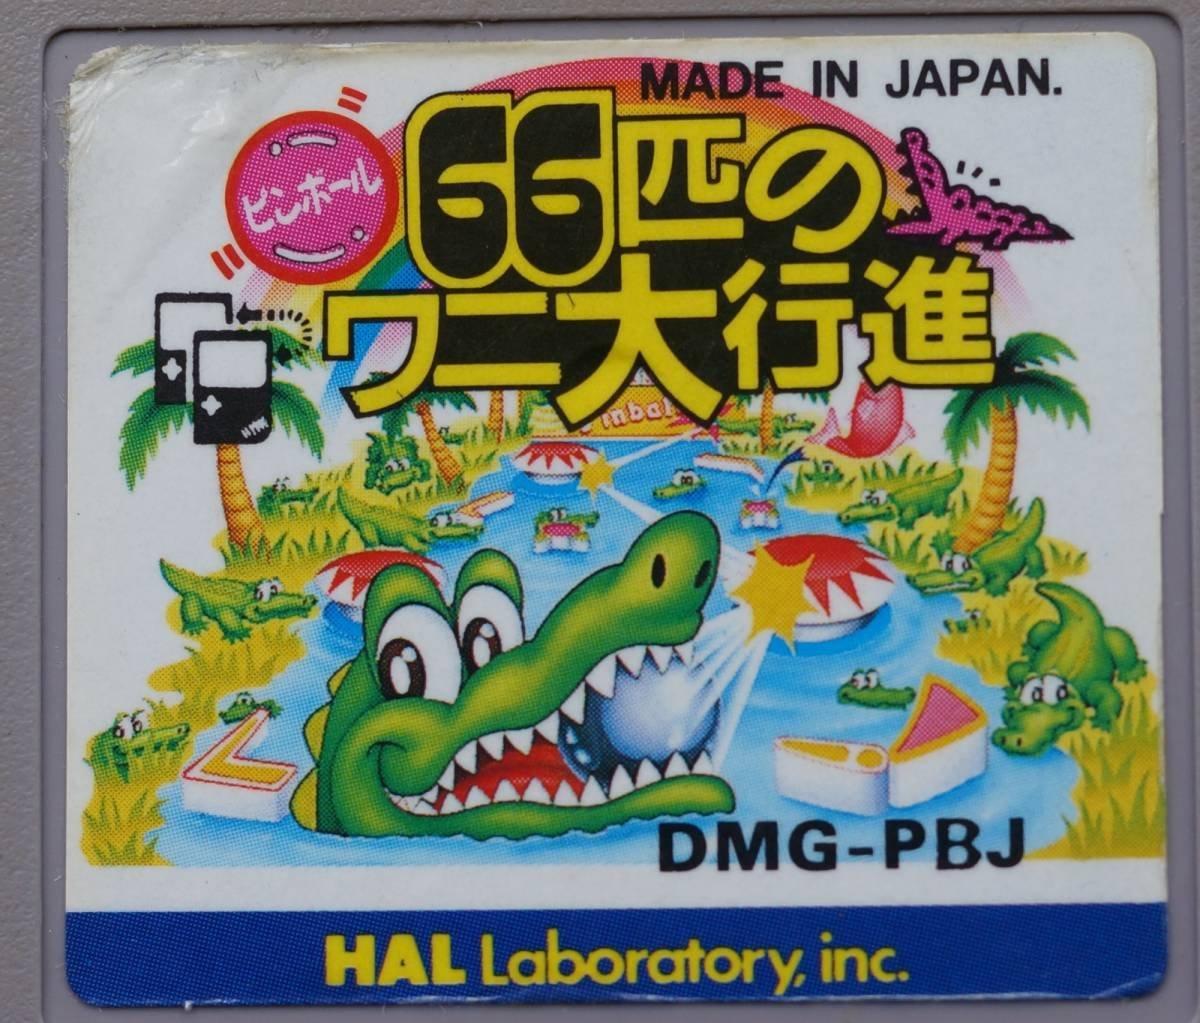 ゲームボーイ カートリッジ : 66匹のワニ大行進 DMG-PBJ